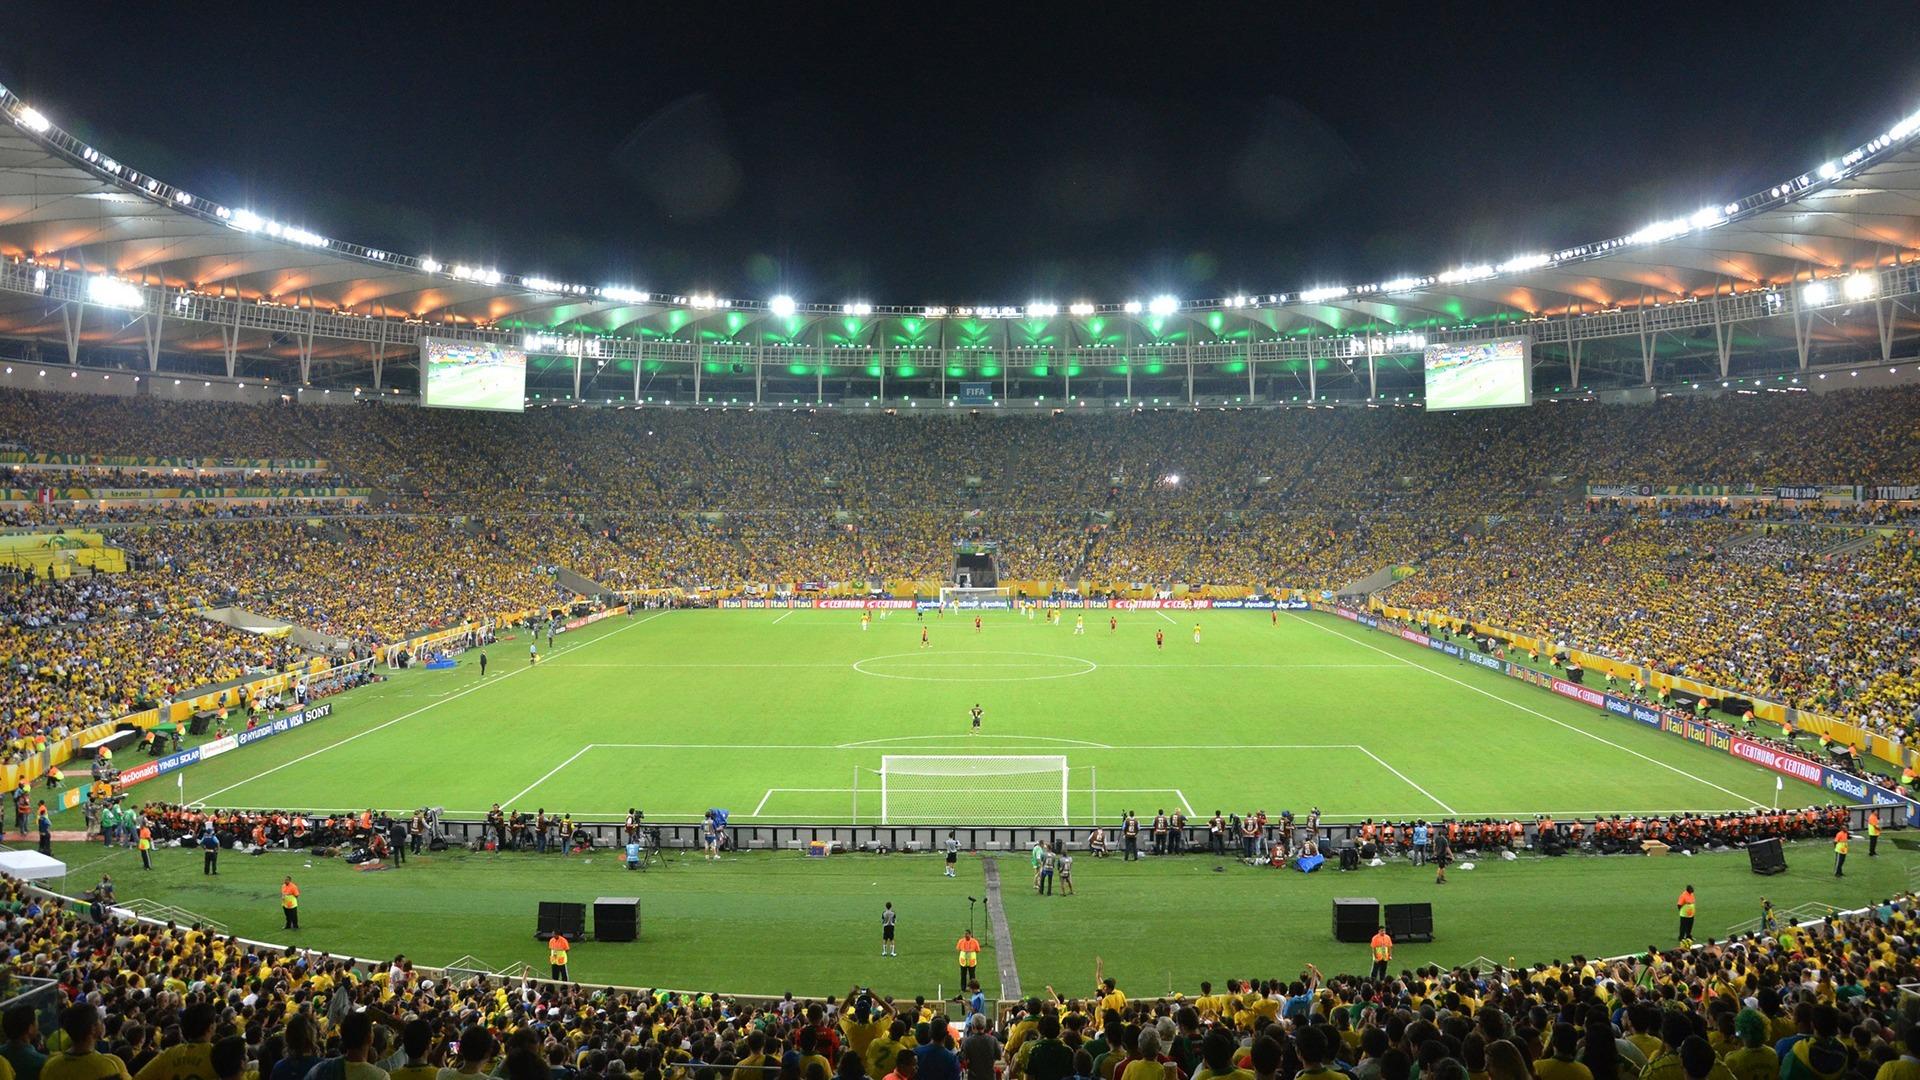 VIDEO: फीफा वर्ल्ड कप में सबसे ज्यादा गोल करने वाले स्टार्स, इस फुटबॉलर ने एक मैच में दागे हैं सबसे ज्यादा गोल 13